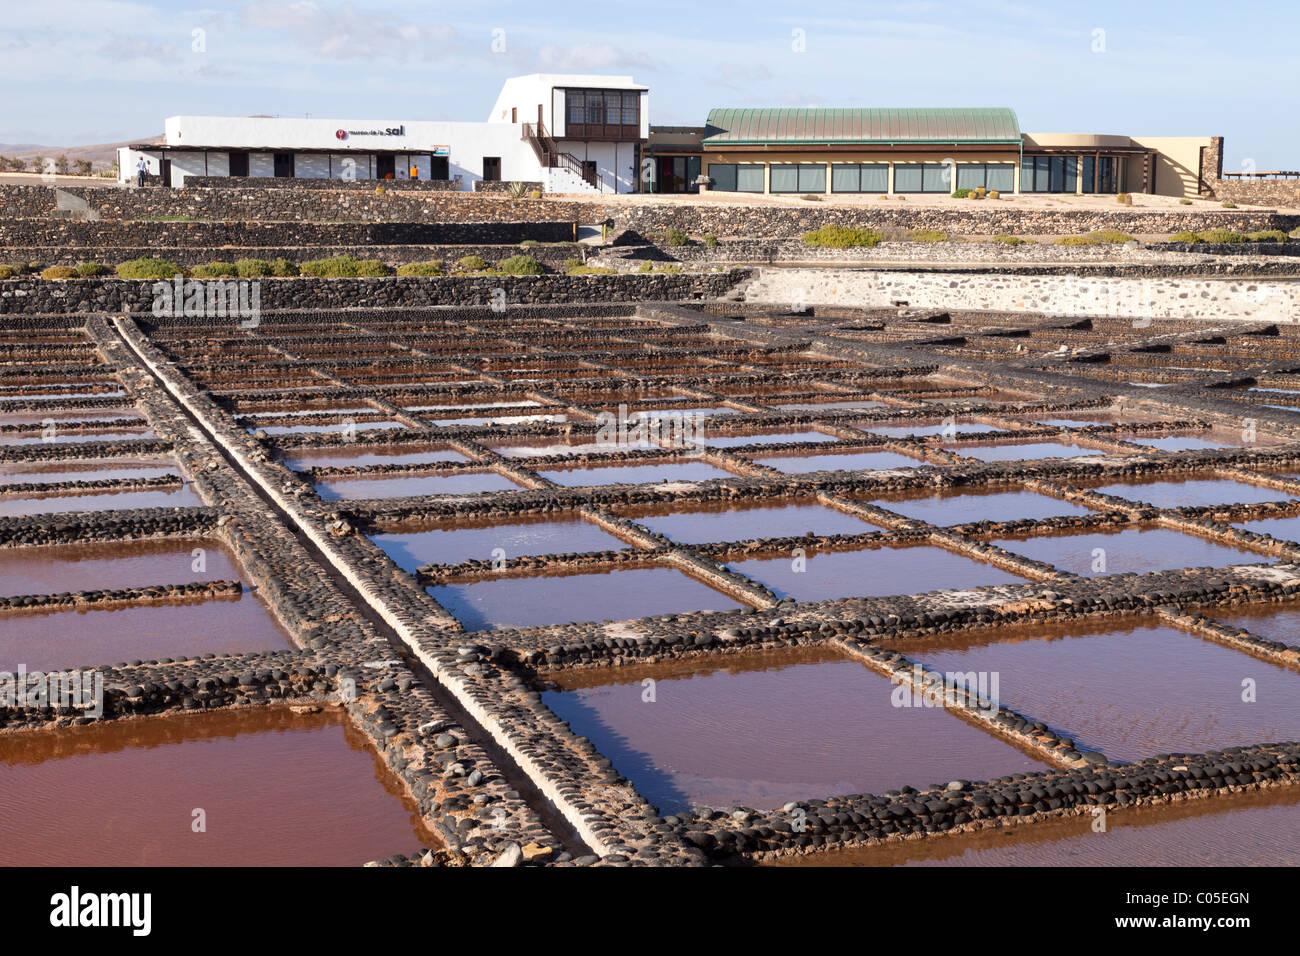 Verdampfung Pfannen bei Das Fuerteventura Salt Museum auf der Kanarischen Insel Fuerteventura. Stockbild